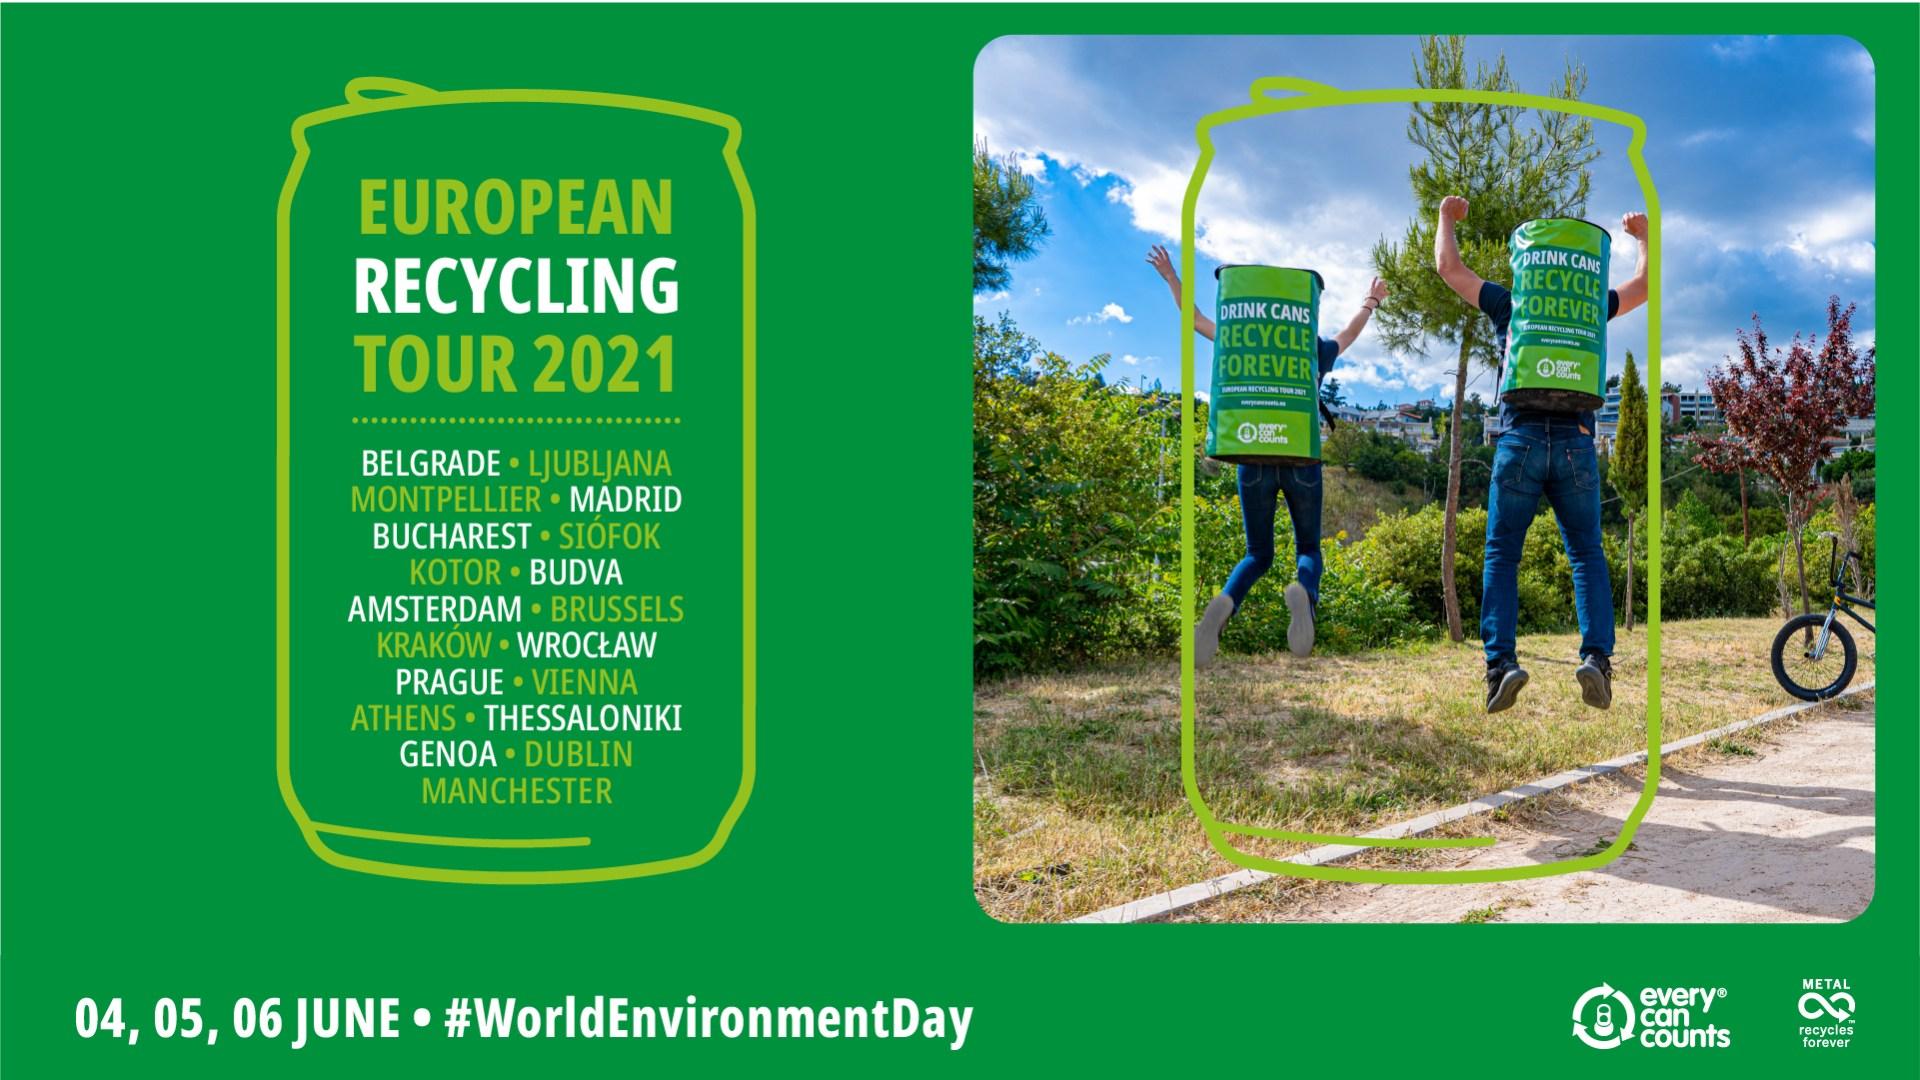 European Recycling Tour - ziua mondiala a mediului